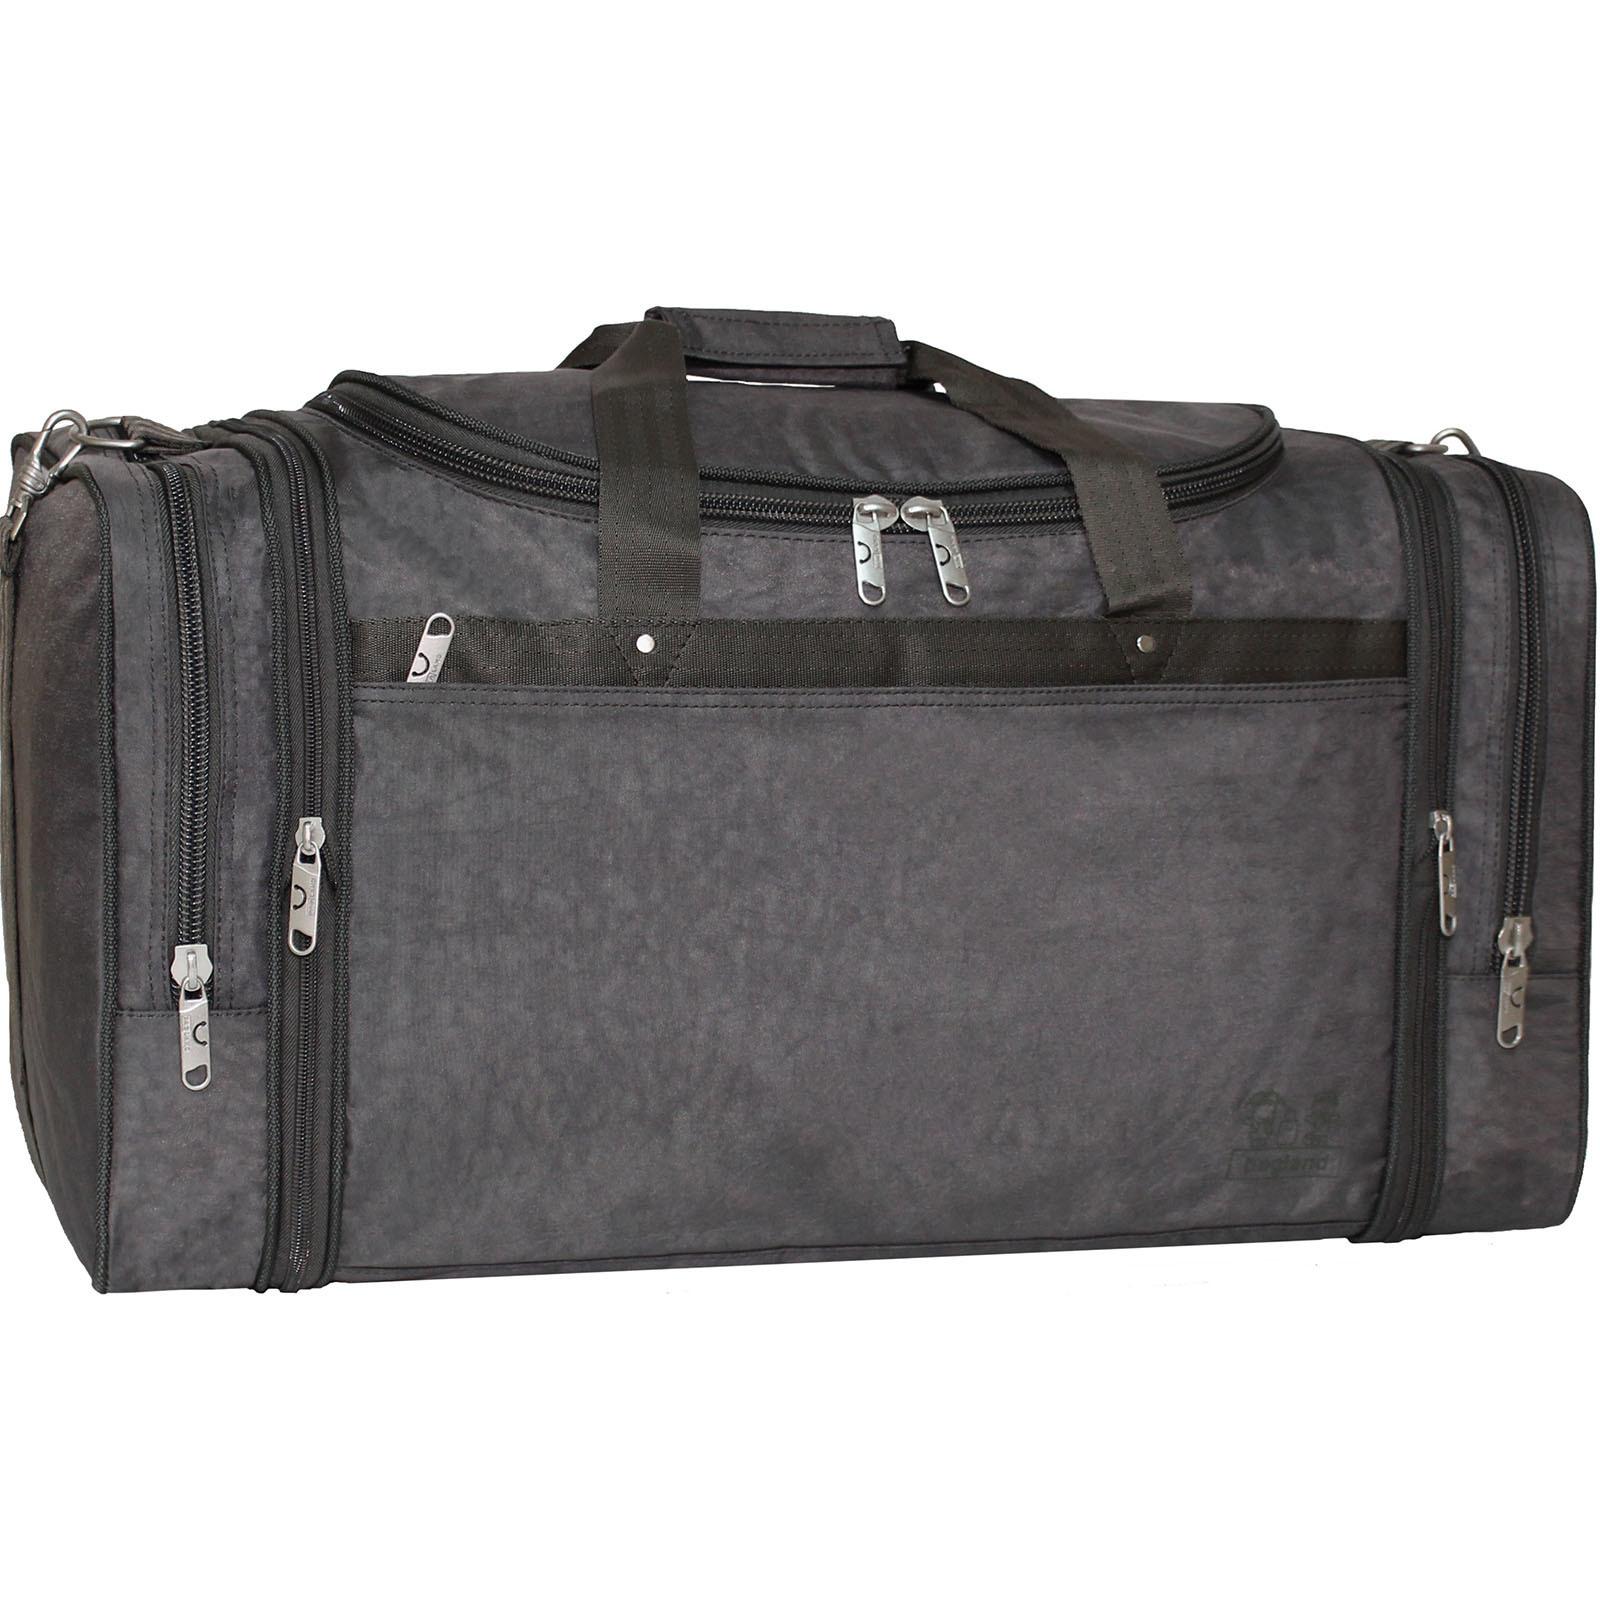 Дорожные сумки Спортивная сумка Bagland Мюнхен 59 л. Хаки (0032570) IMG_1434_32570_.JPG